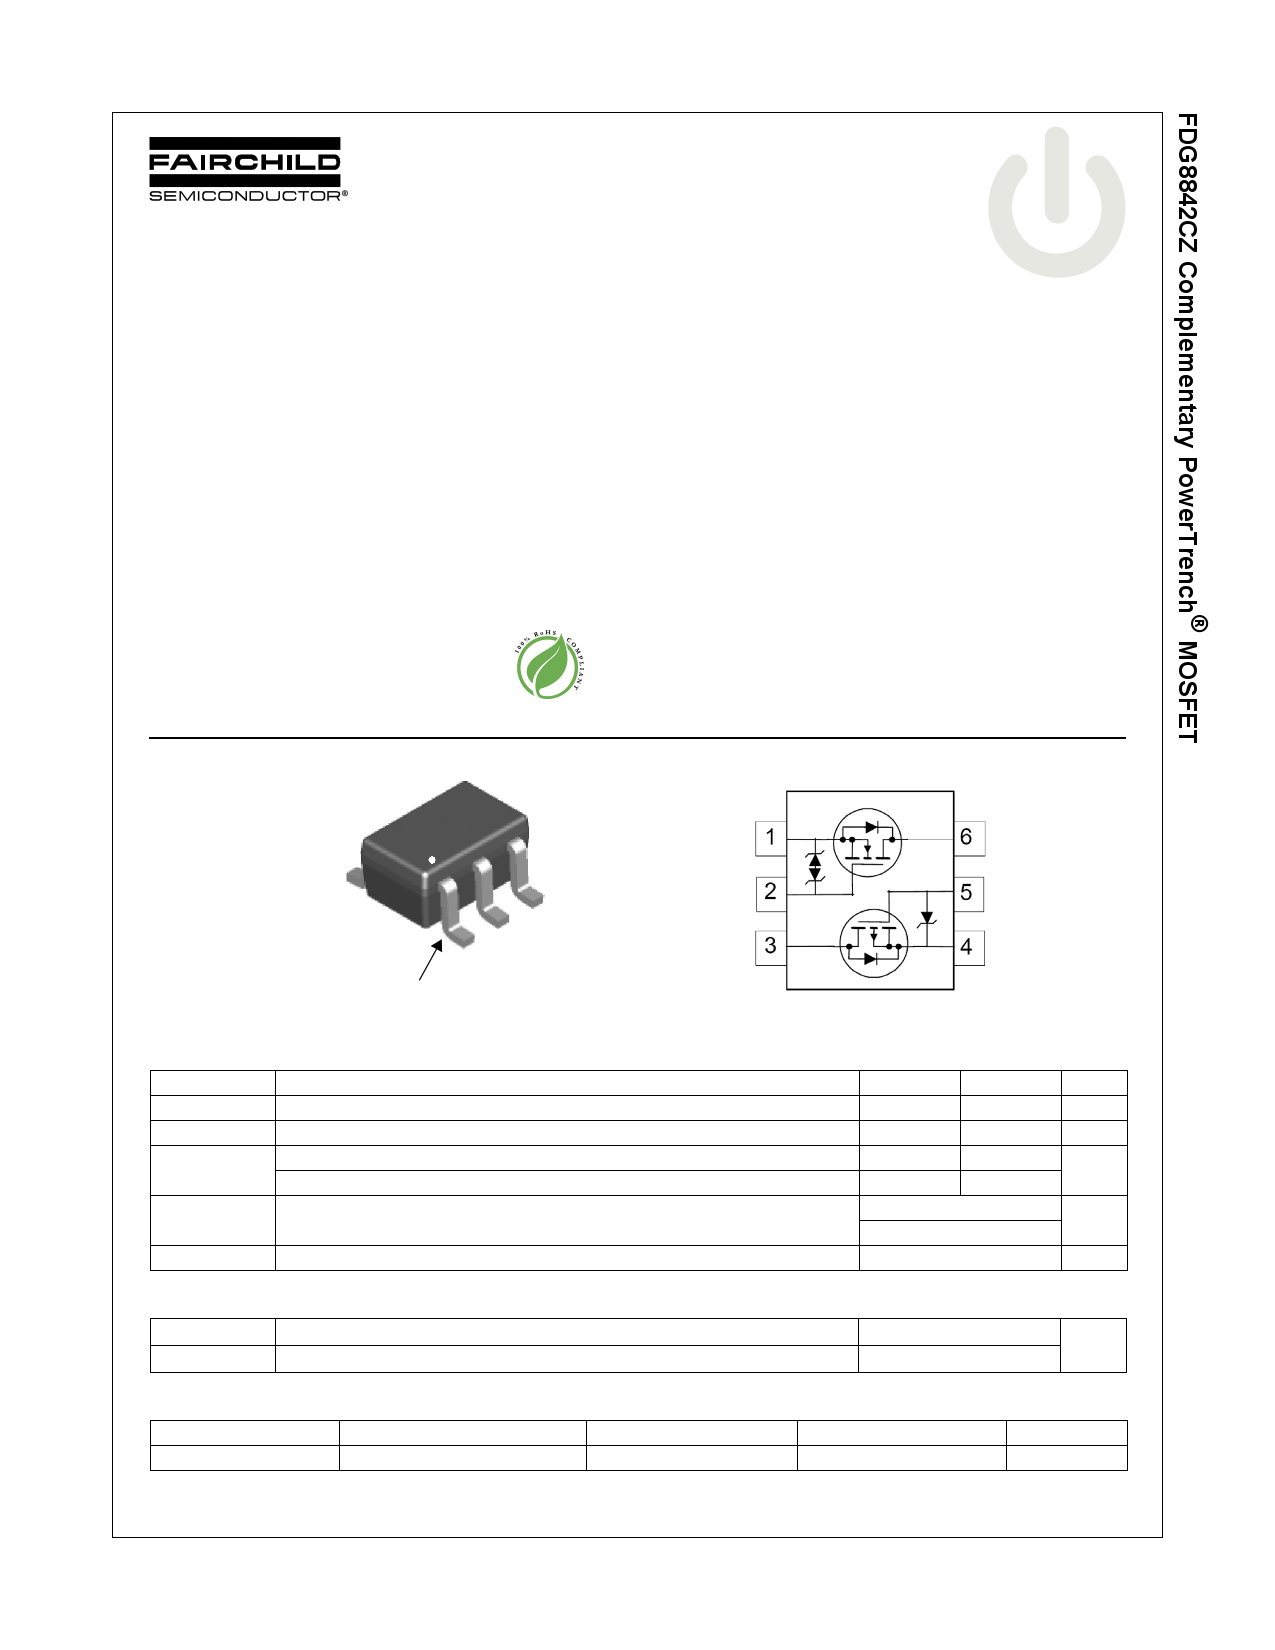 FDG8842CZ 데이터시트 및 FDG8842CZ PDF